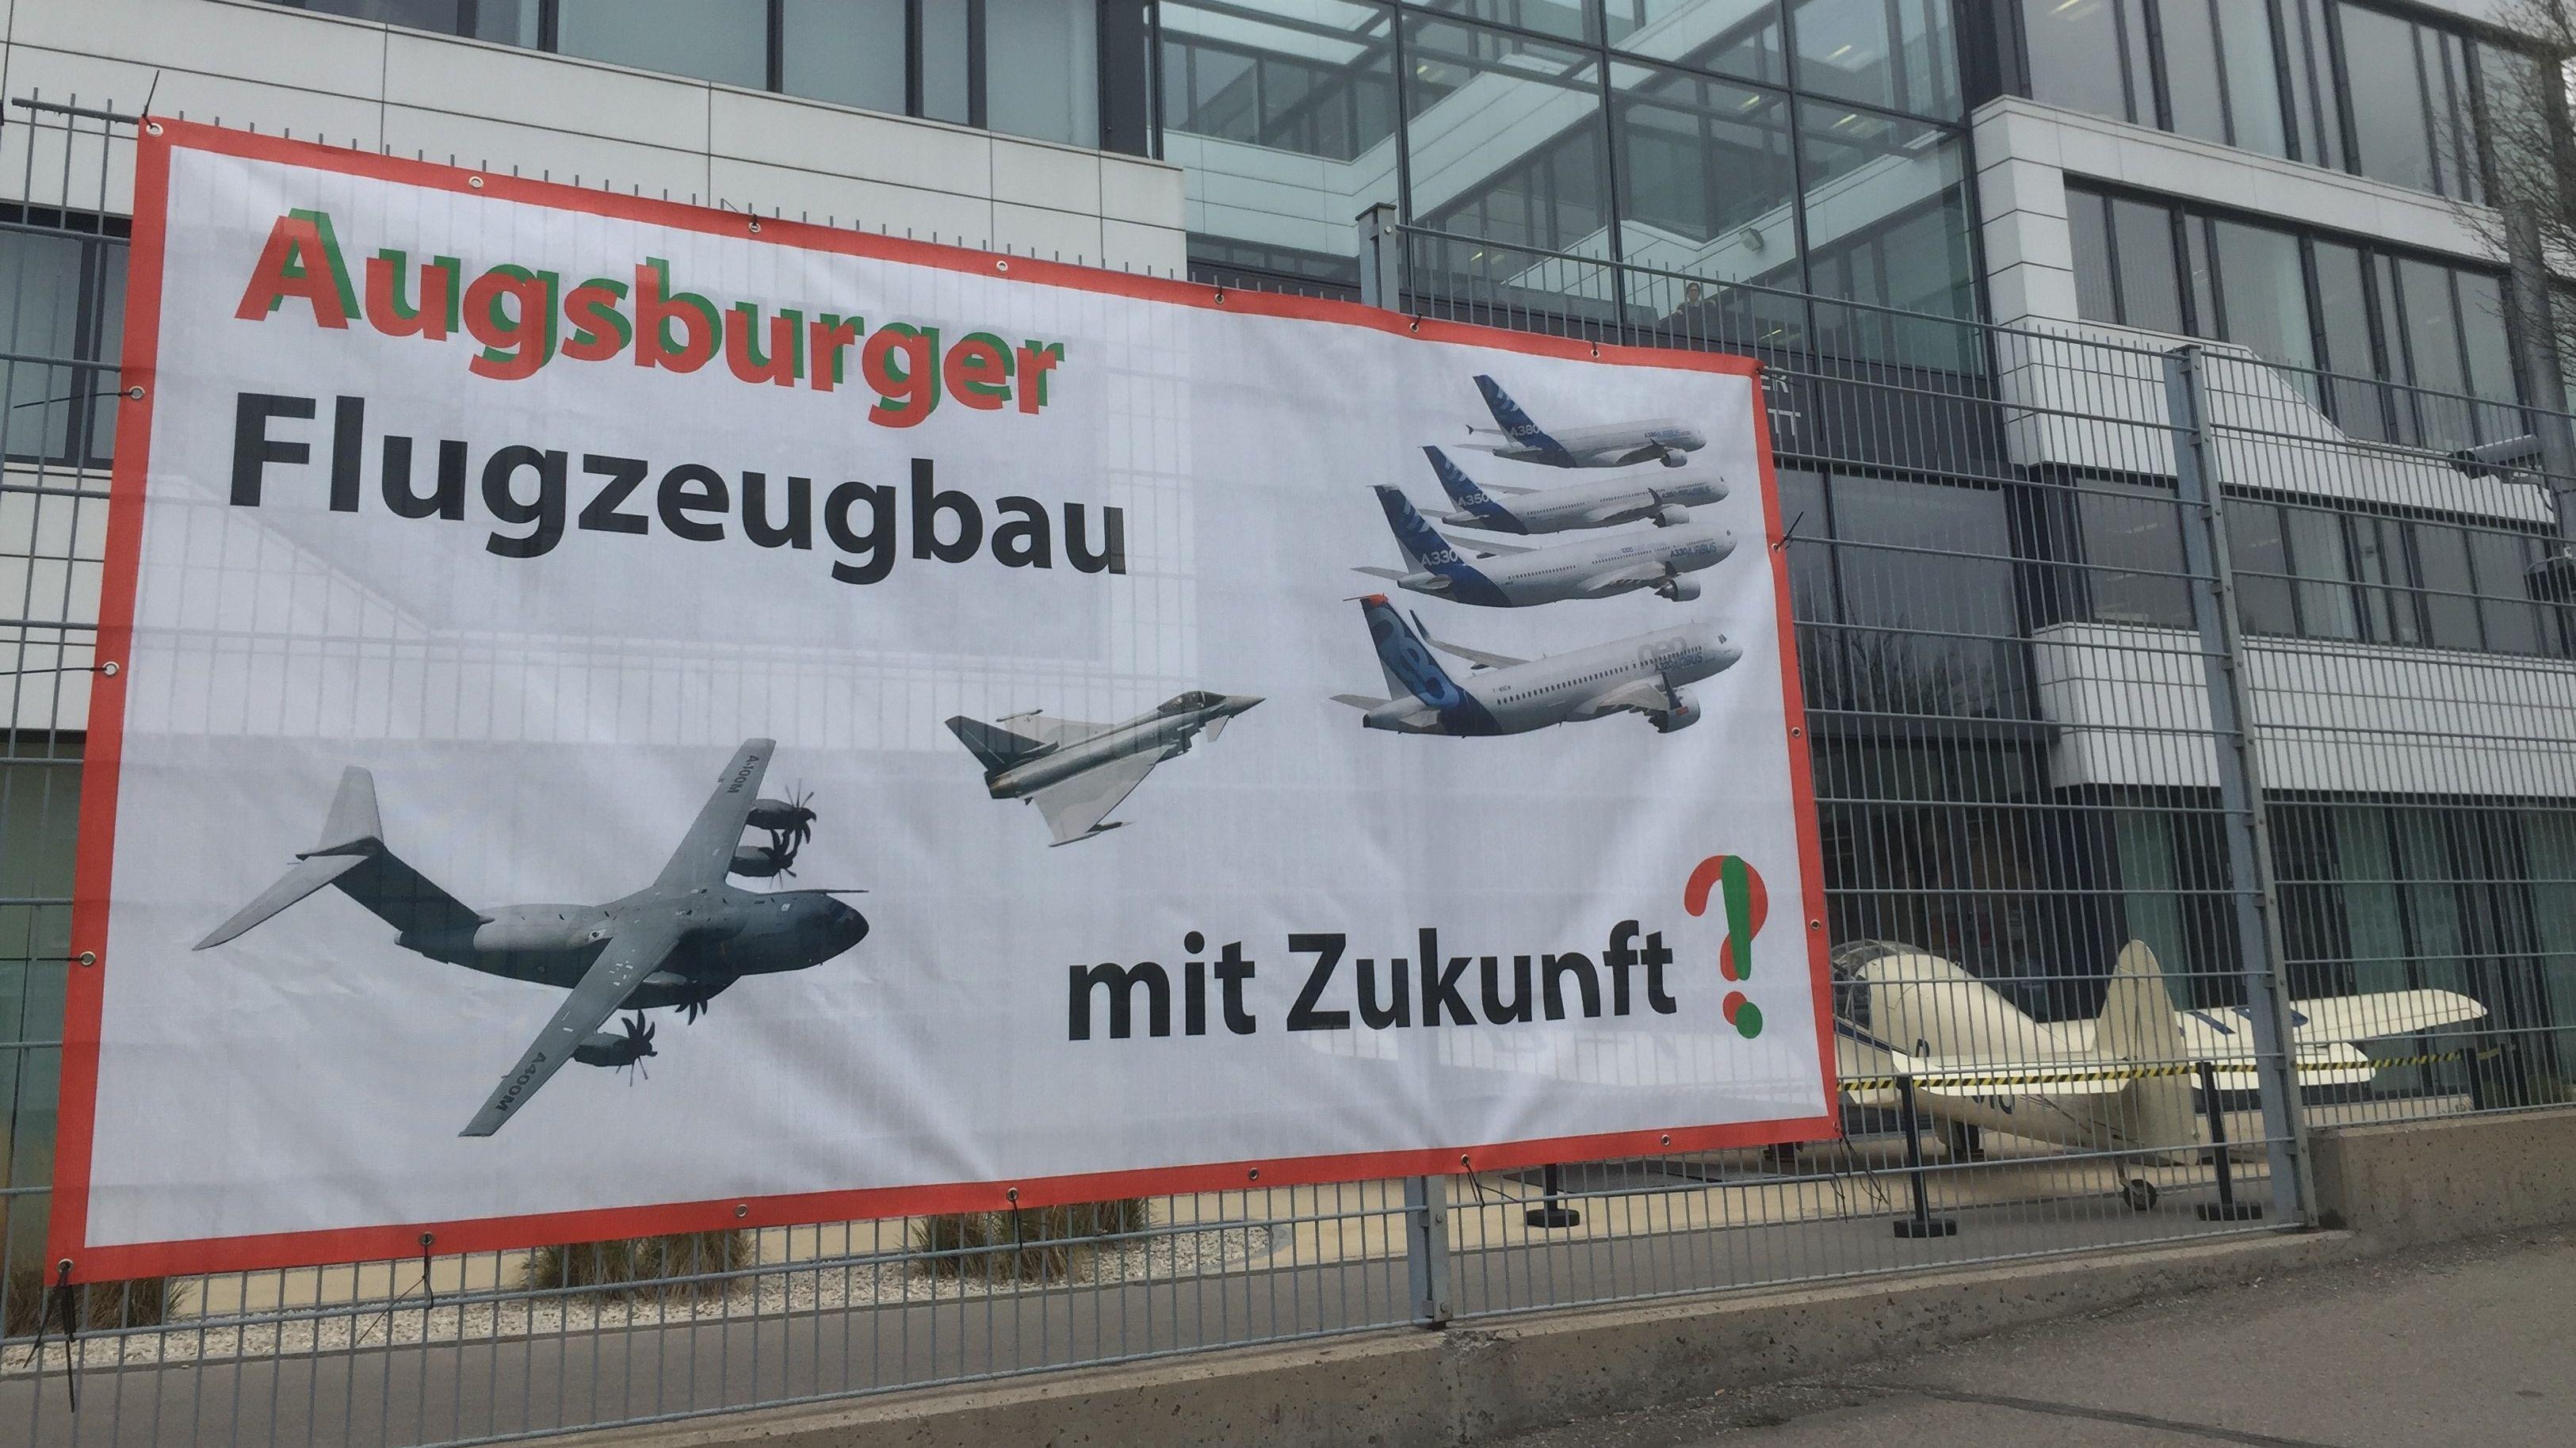 Plakat am Zaun der Premium Aerotec in Augsburg.